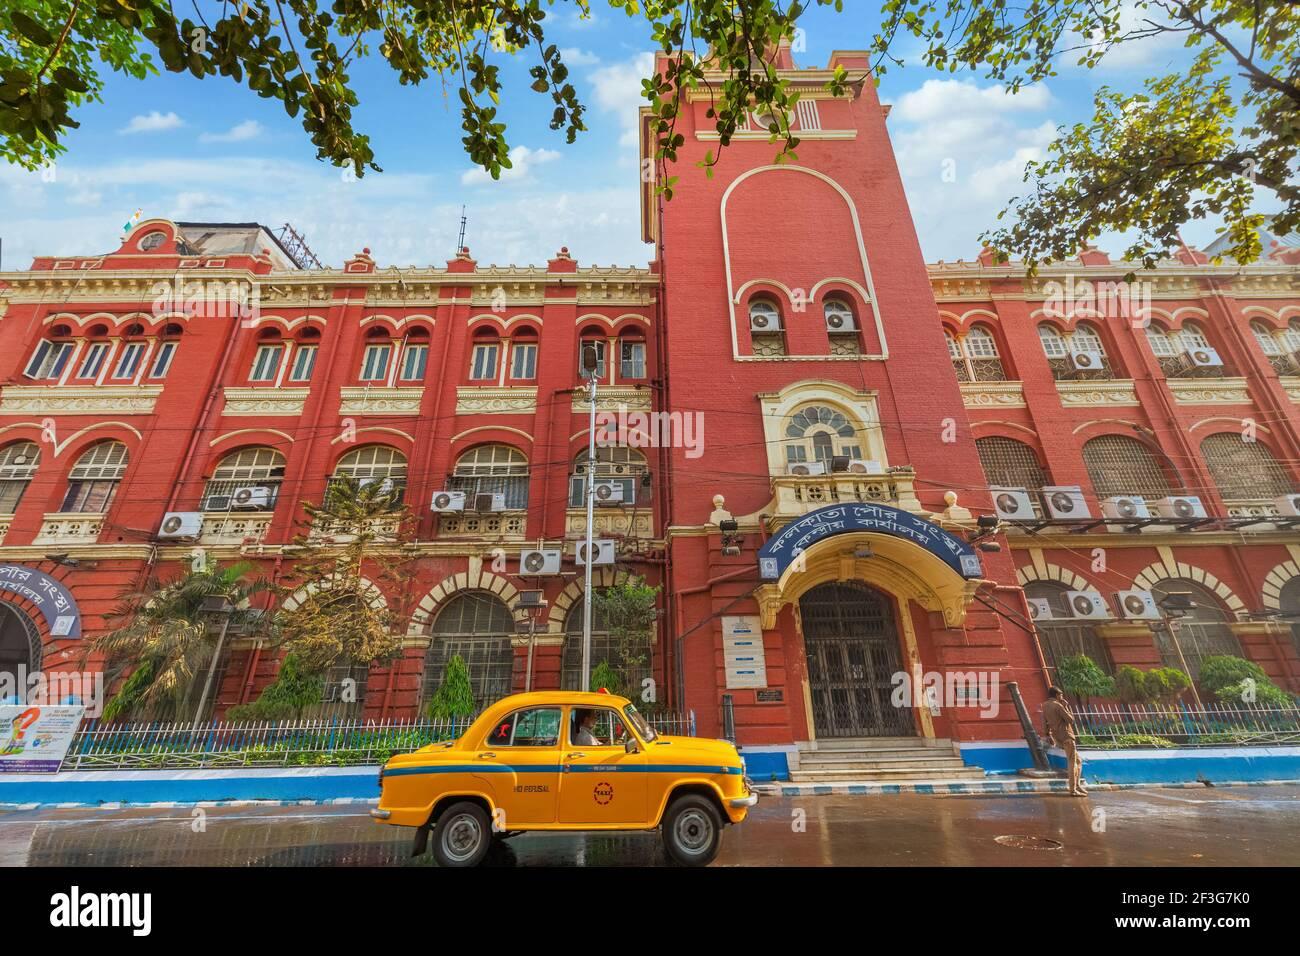 Taxi giallo di fronte al palazzo della Government Municipal Corporation costruito in stile coloniale a Kolkata, India Foto Stock